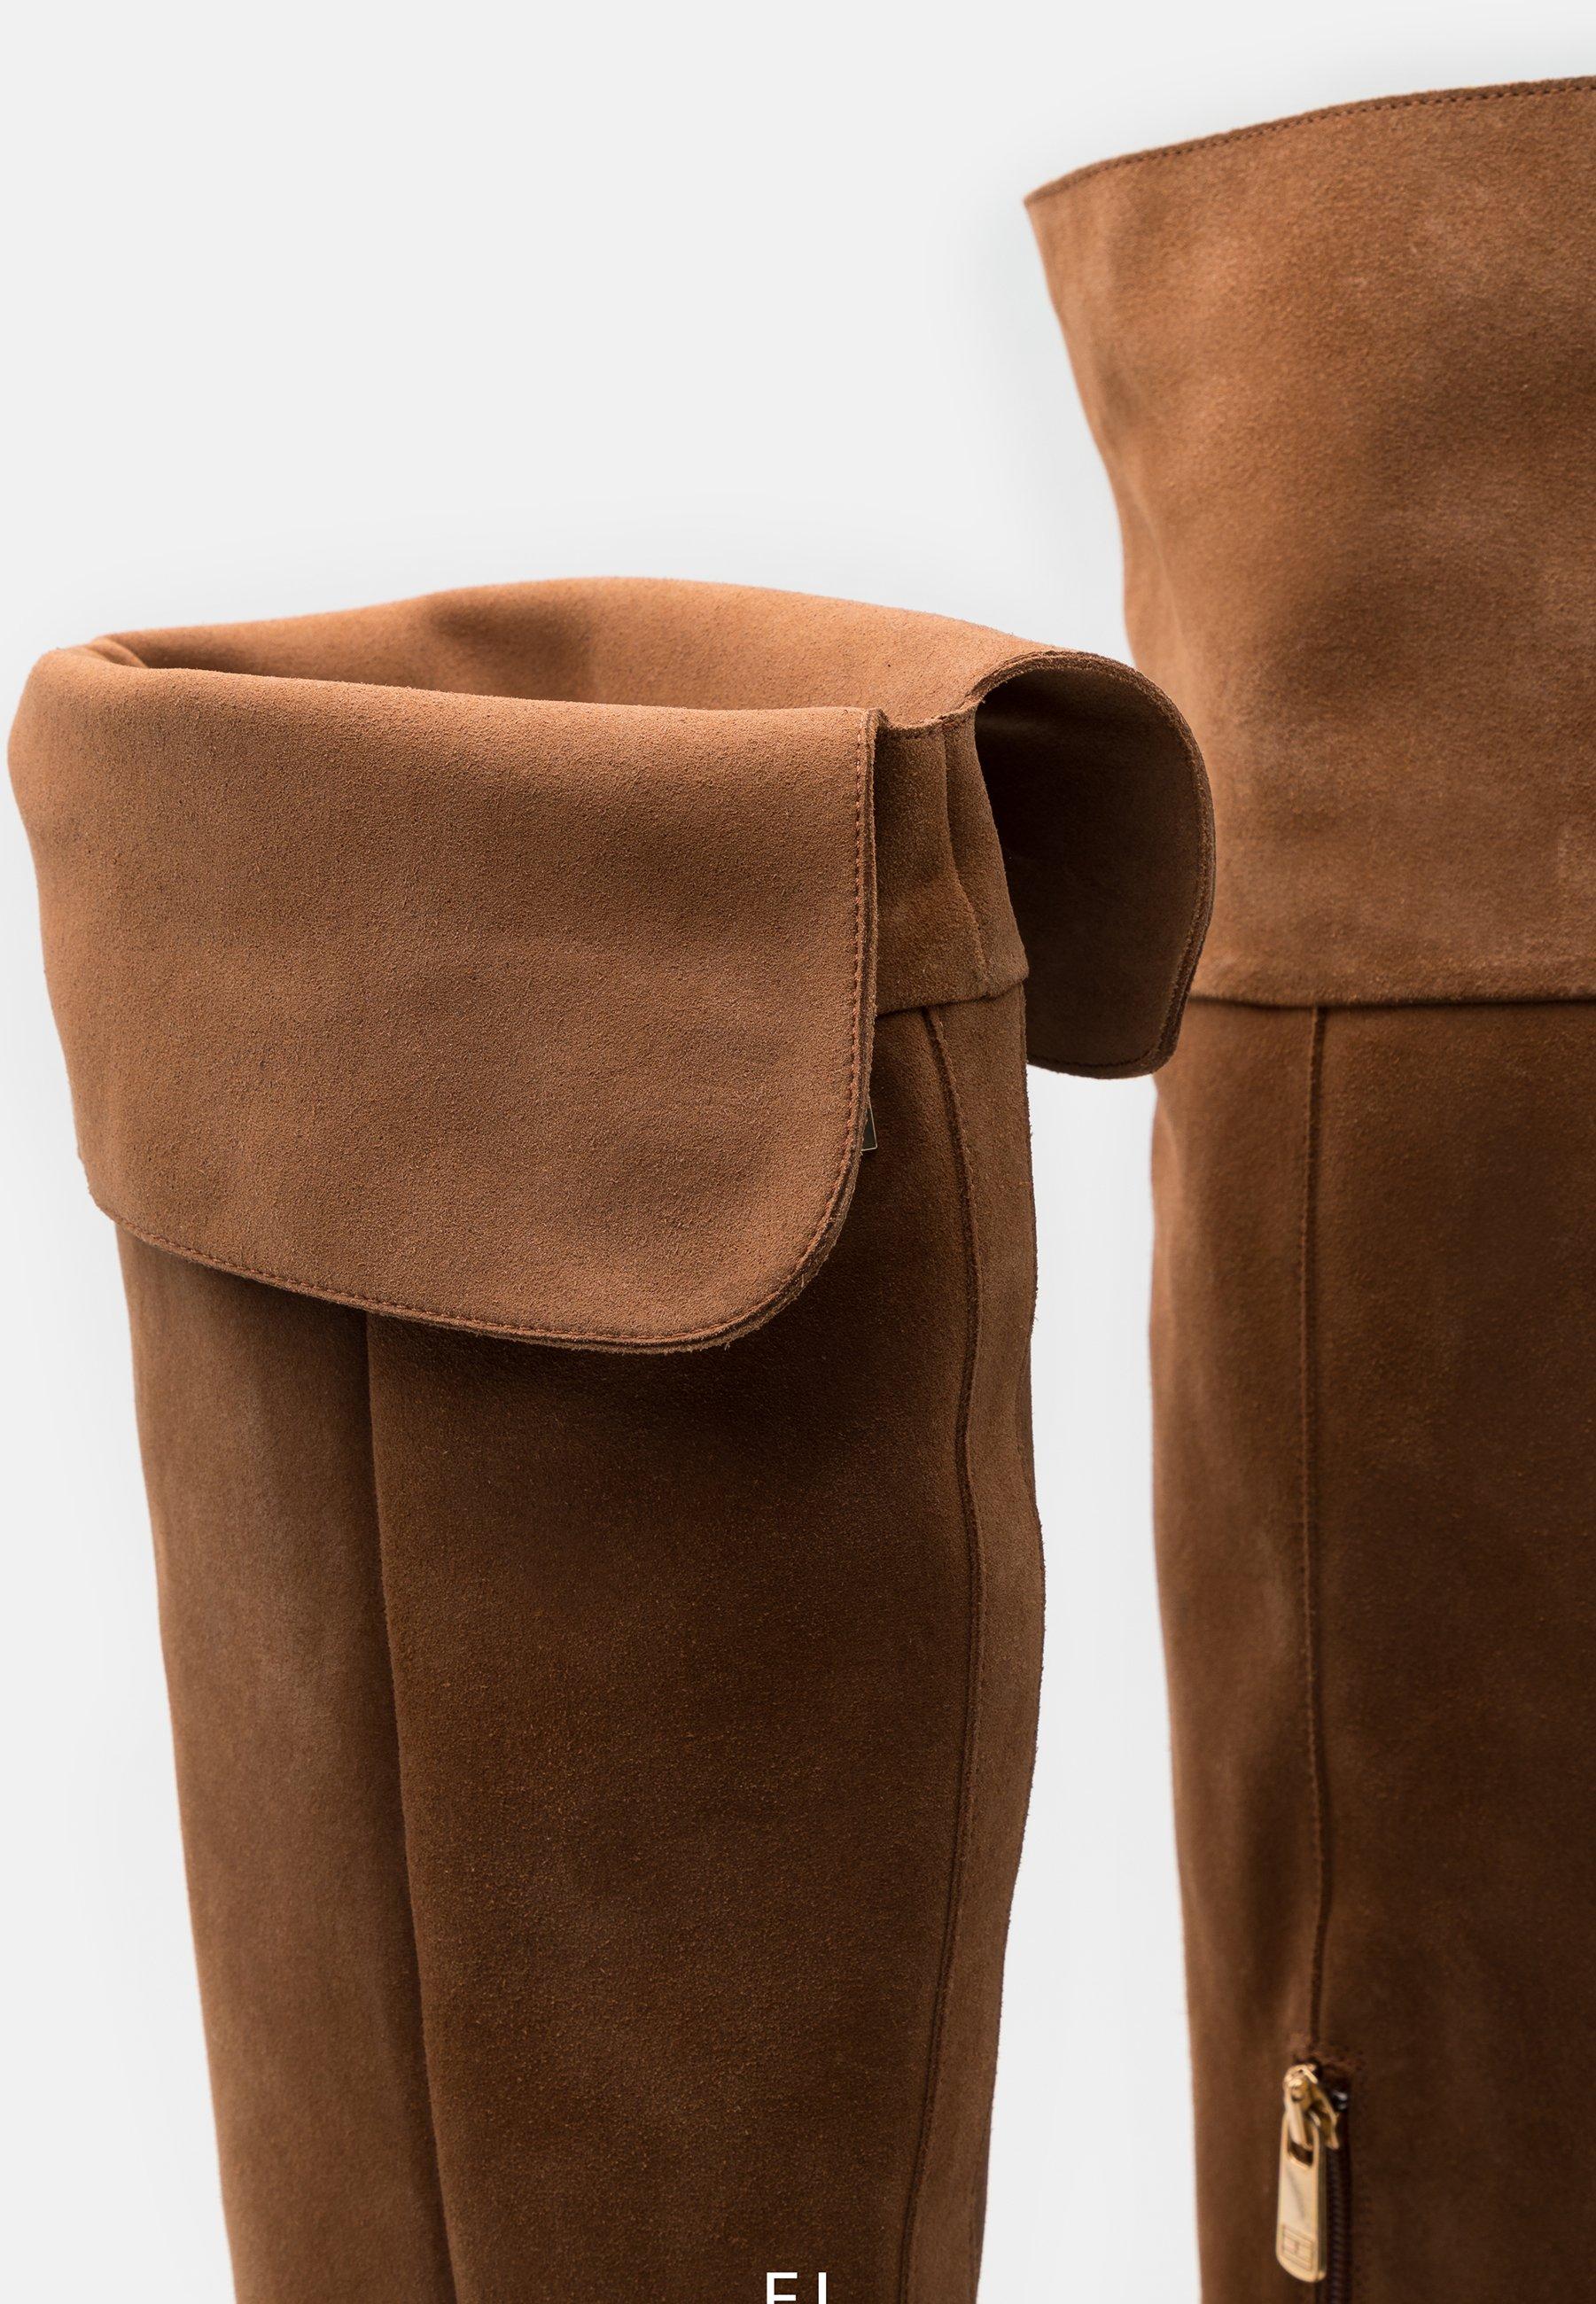 MODERN BOOT Laarzen met hoge hak natural cognac